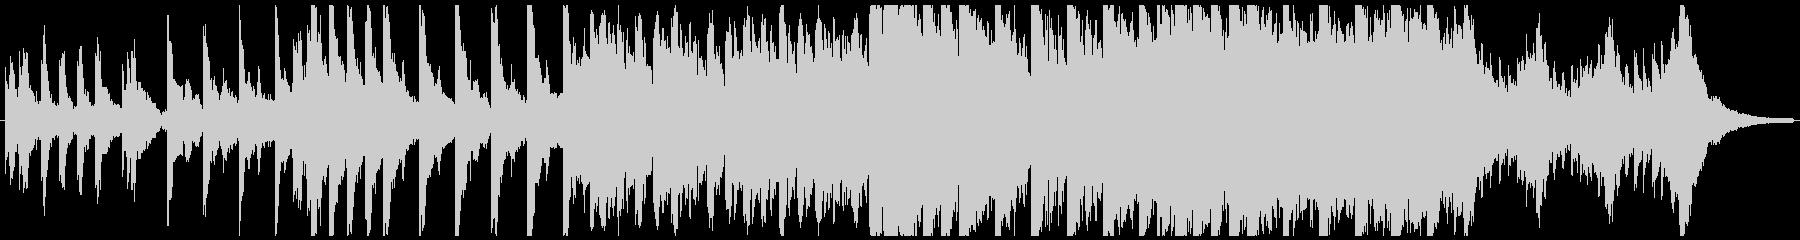 ハローウィン用のホラー曲-60秒の未再生の波形